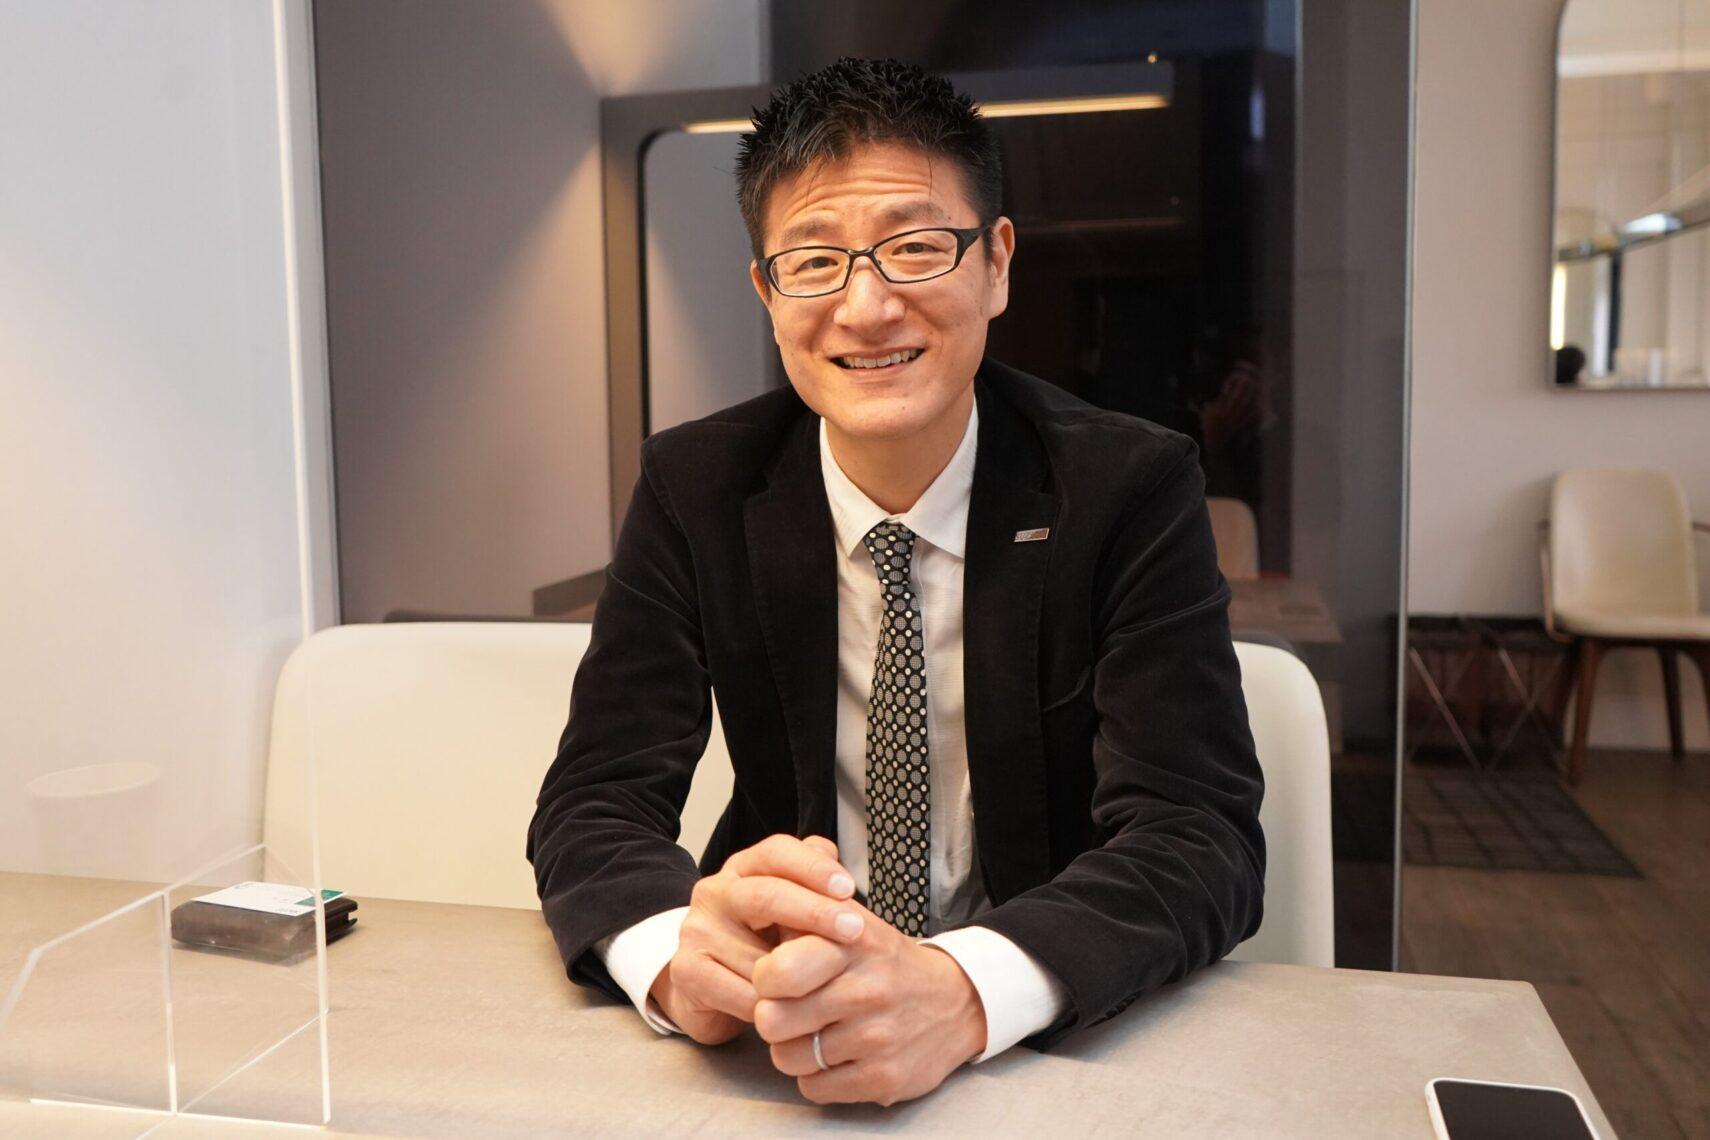 蟻田 剛毅  株式会社シュゼット・ホールディングス 代表取締役社長